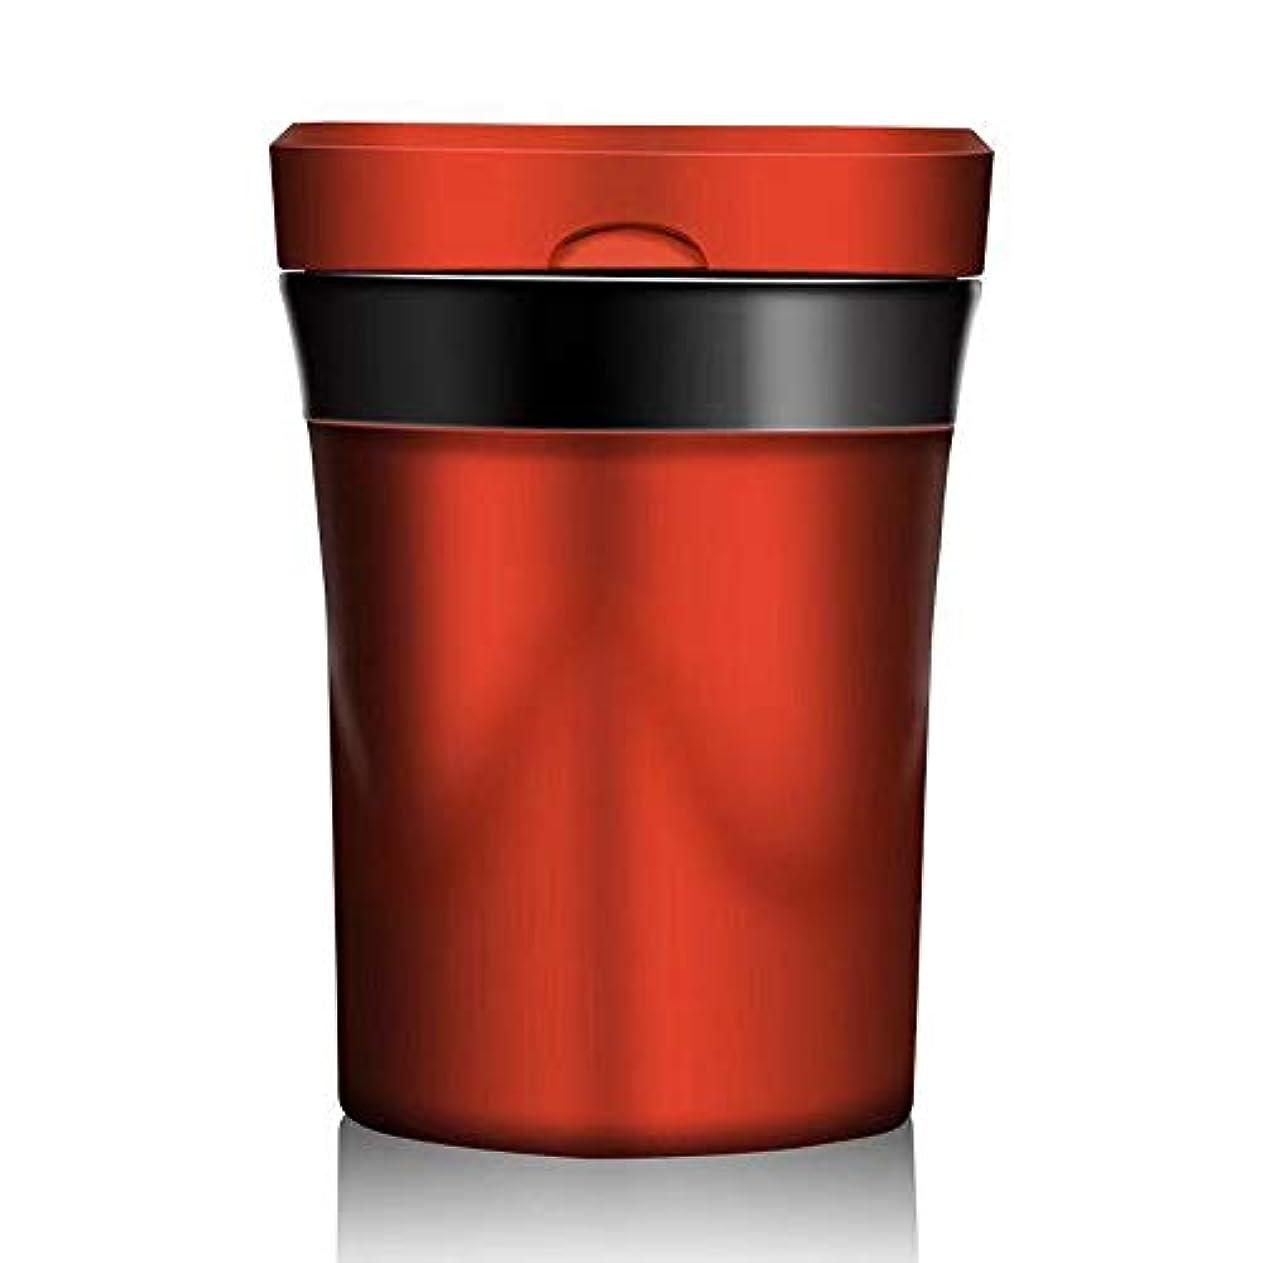 過ちフットボールまつげふた2色の選択が付いている車の灰皿の創造的な屋外の灰皿 (色 : 赤)